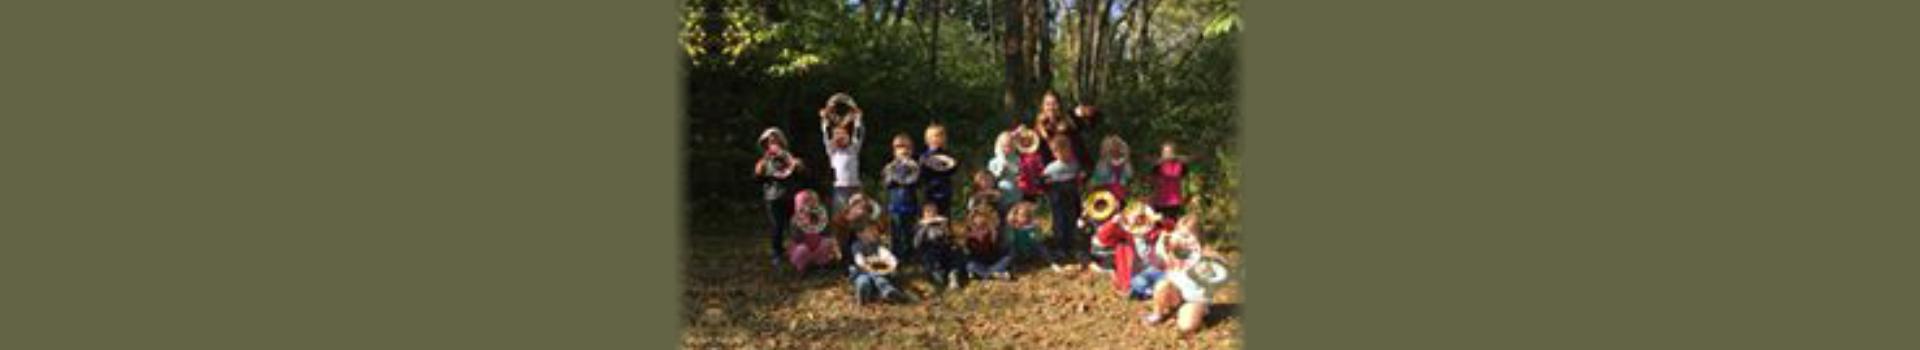 kids and teacher in outdoor